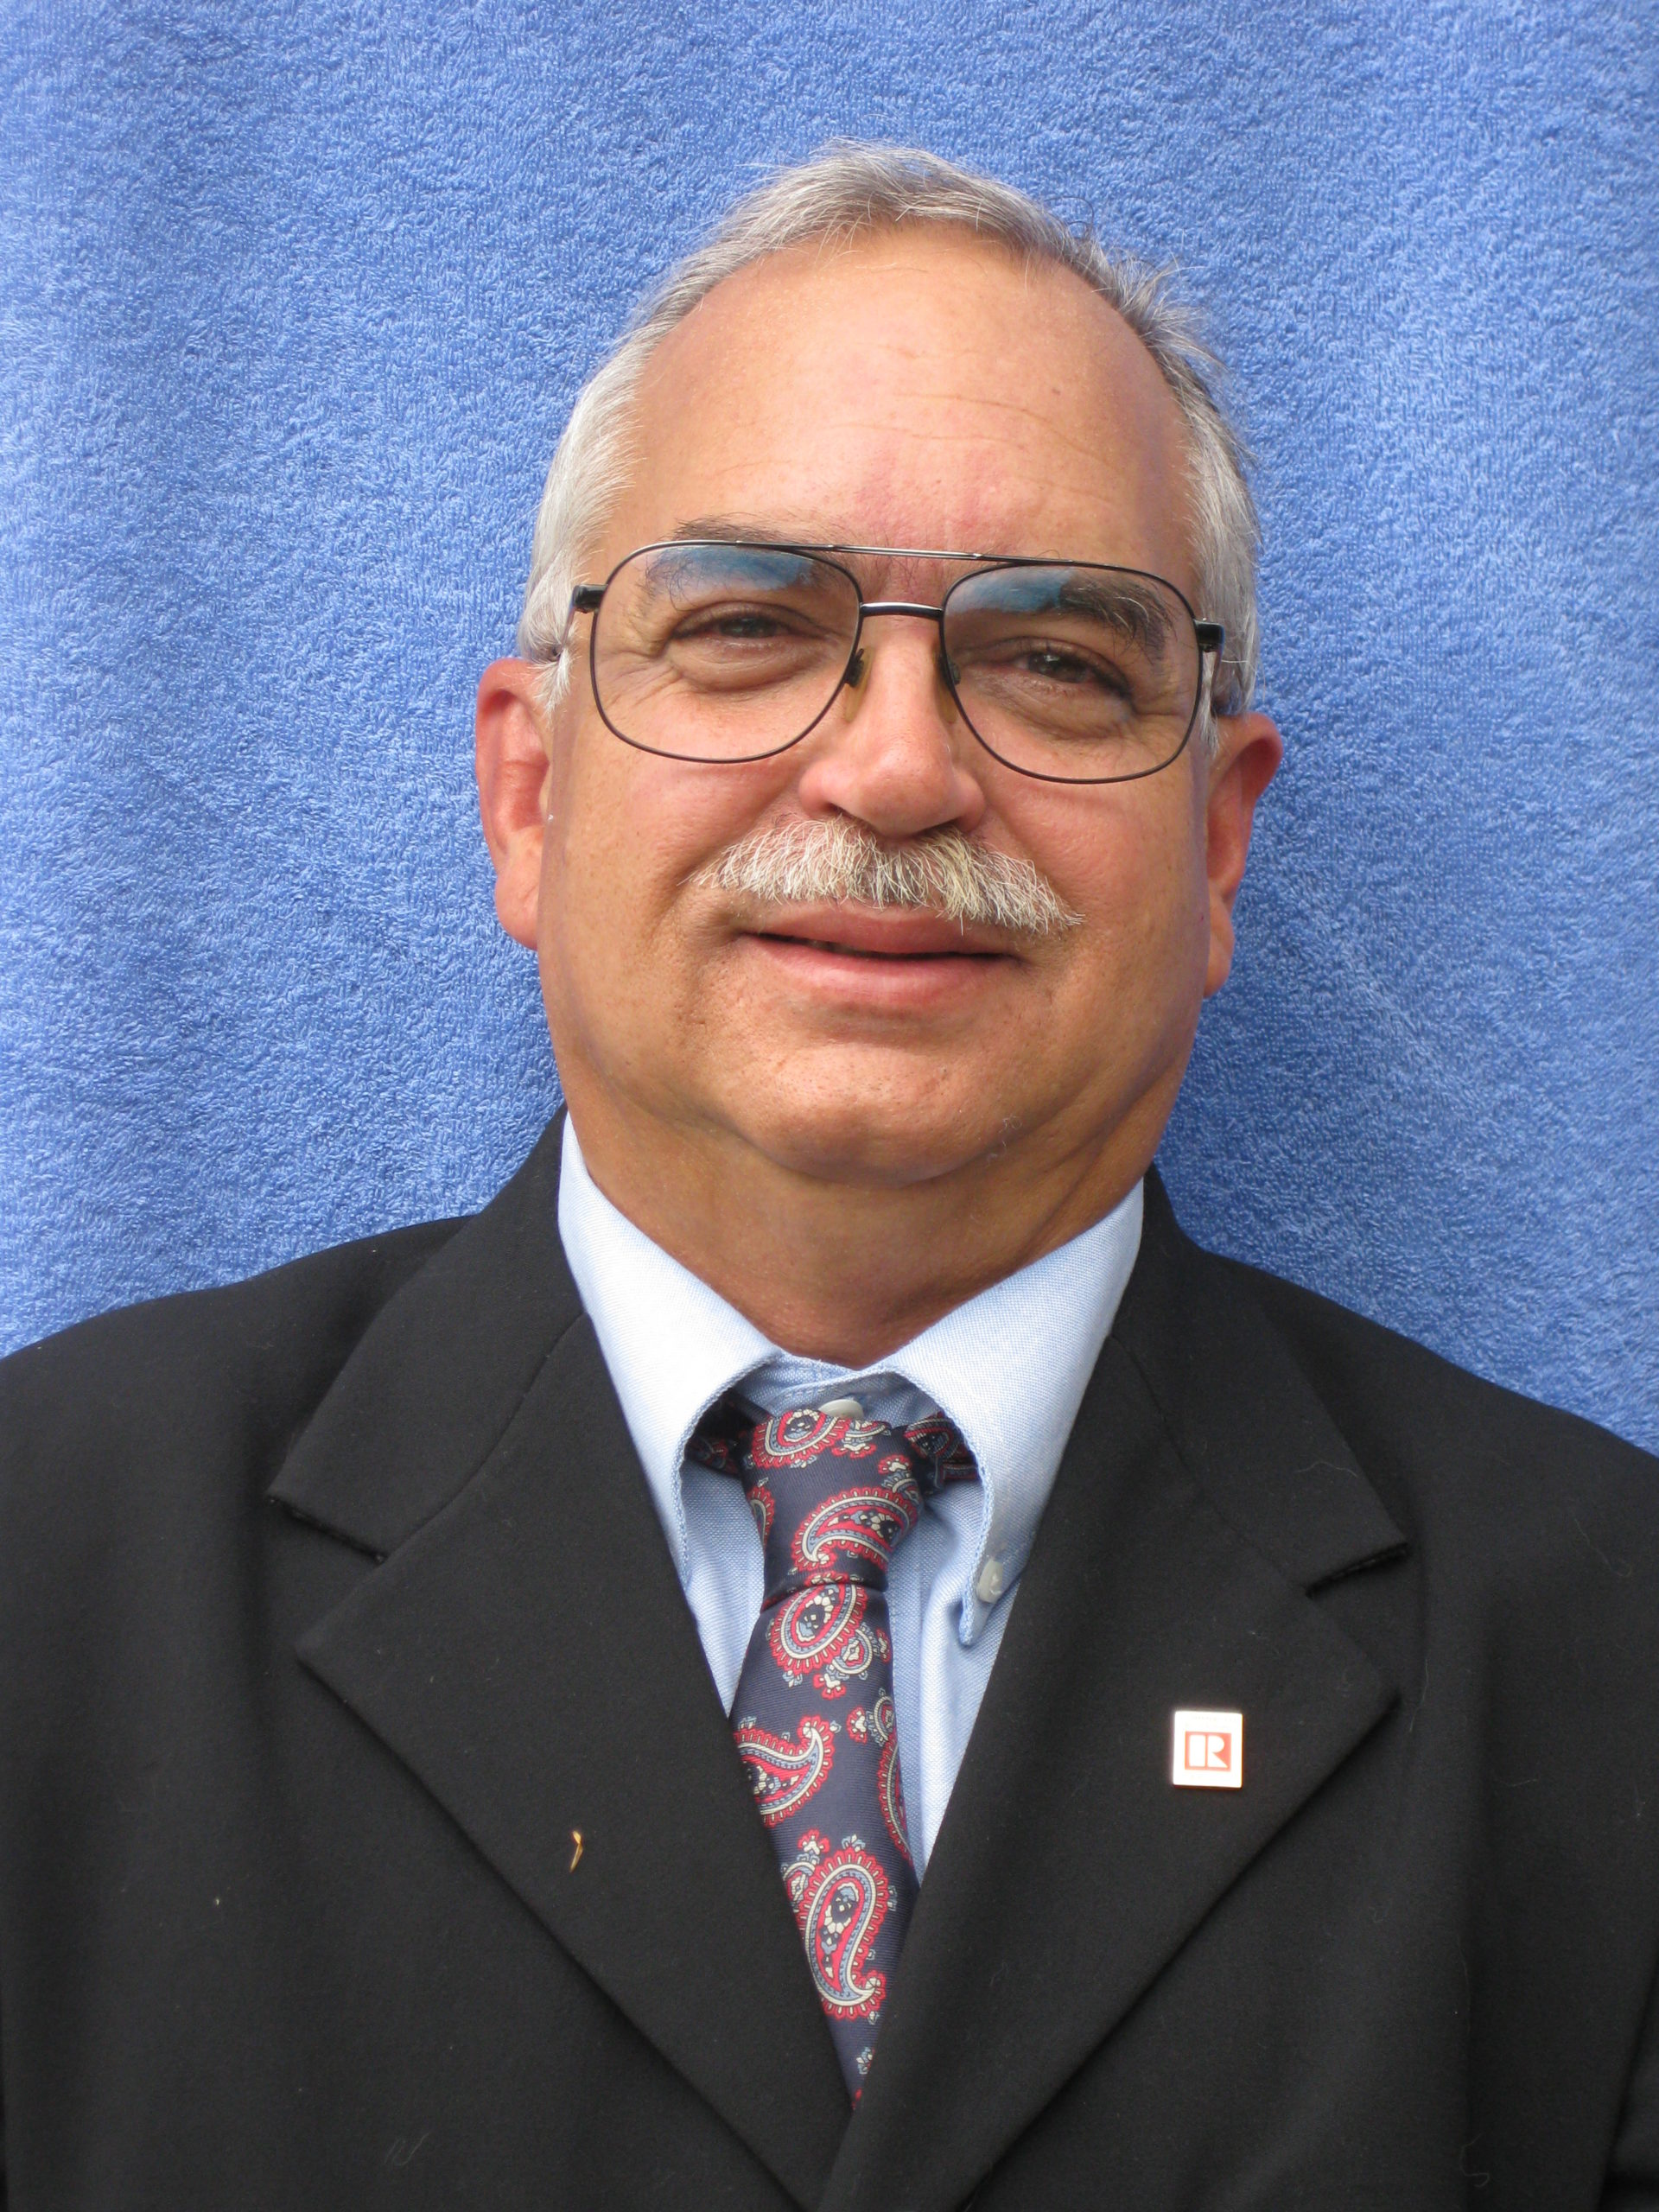 H. Winston Hines, CBI, BiC